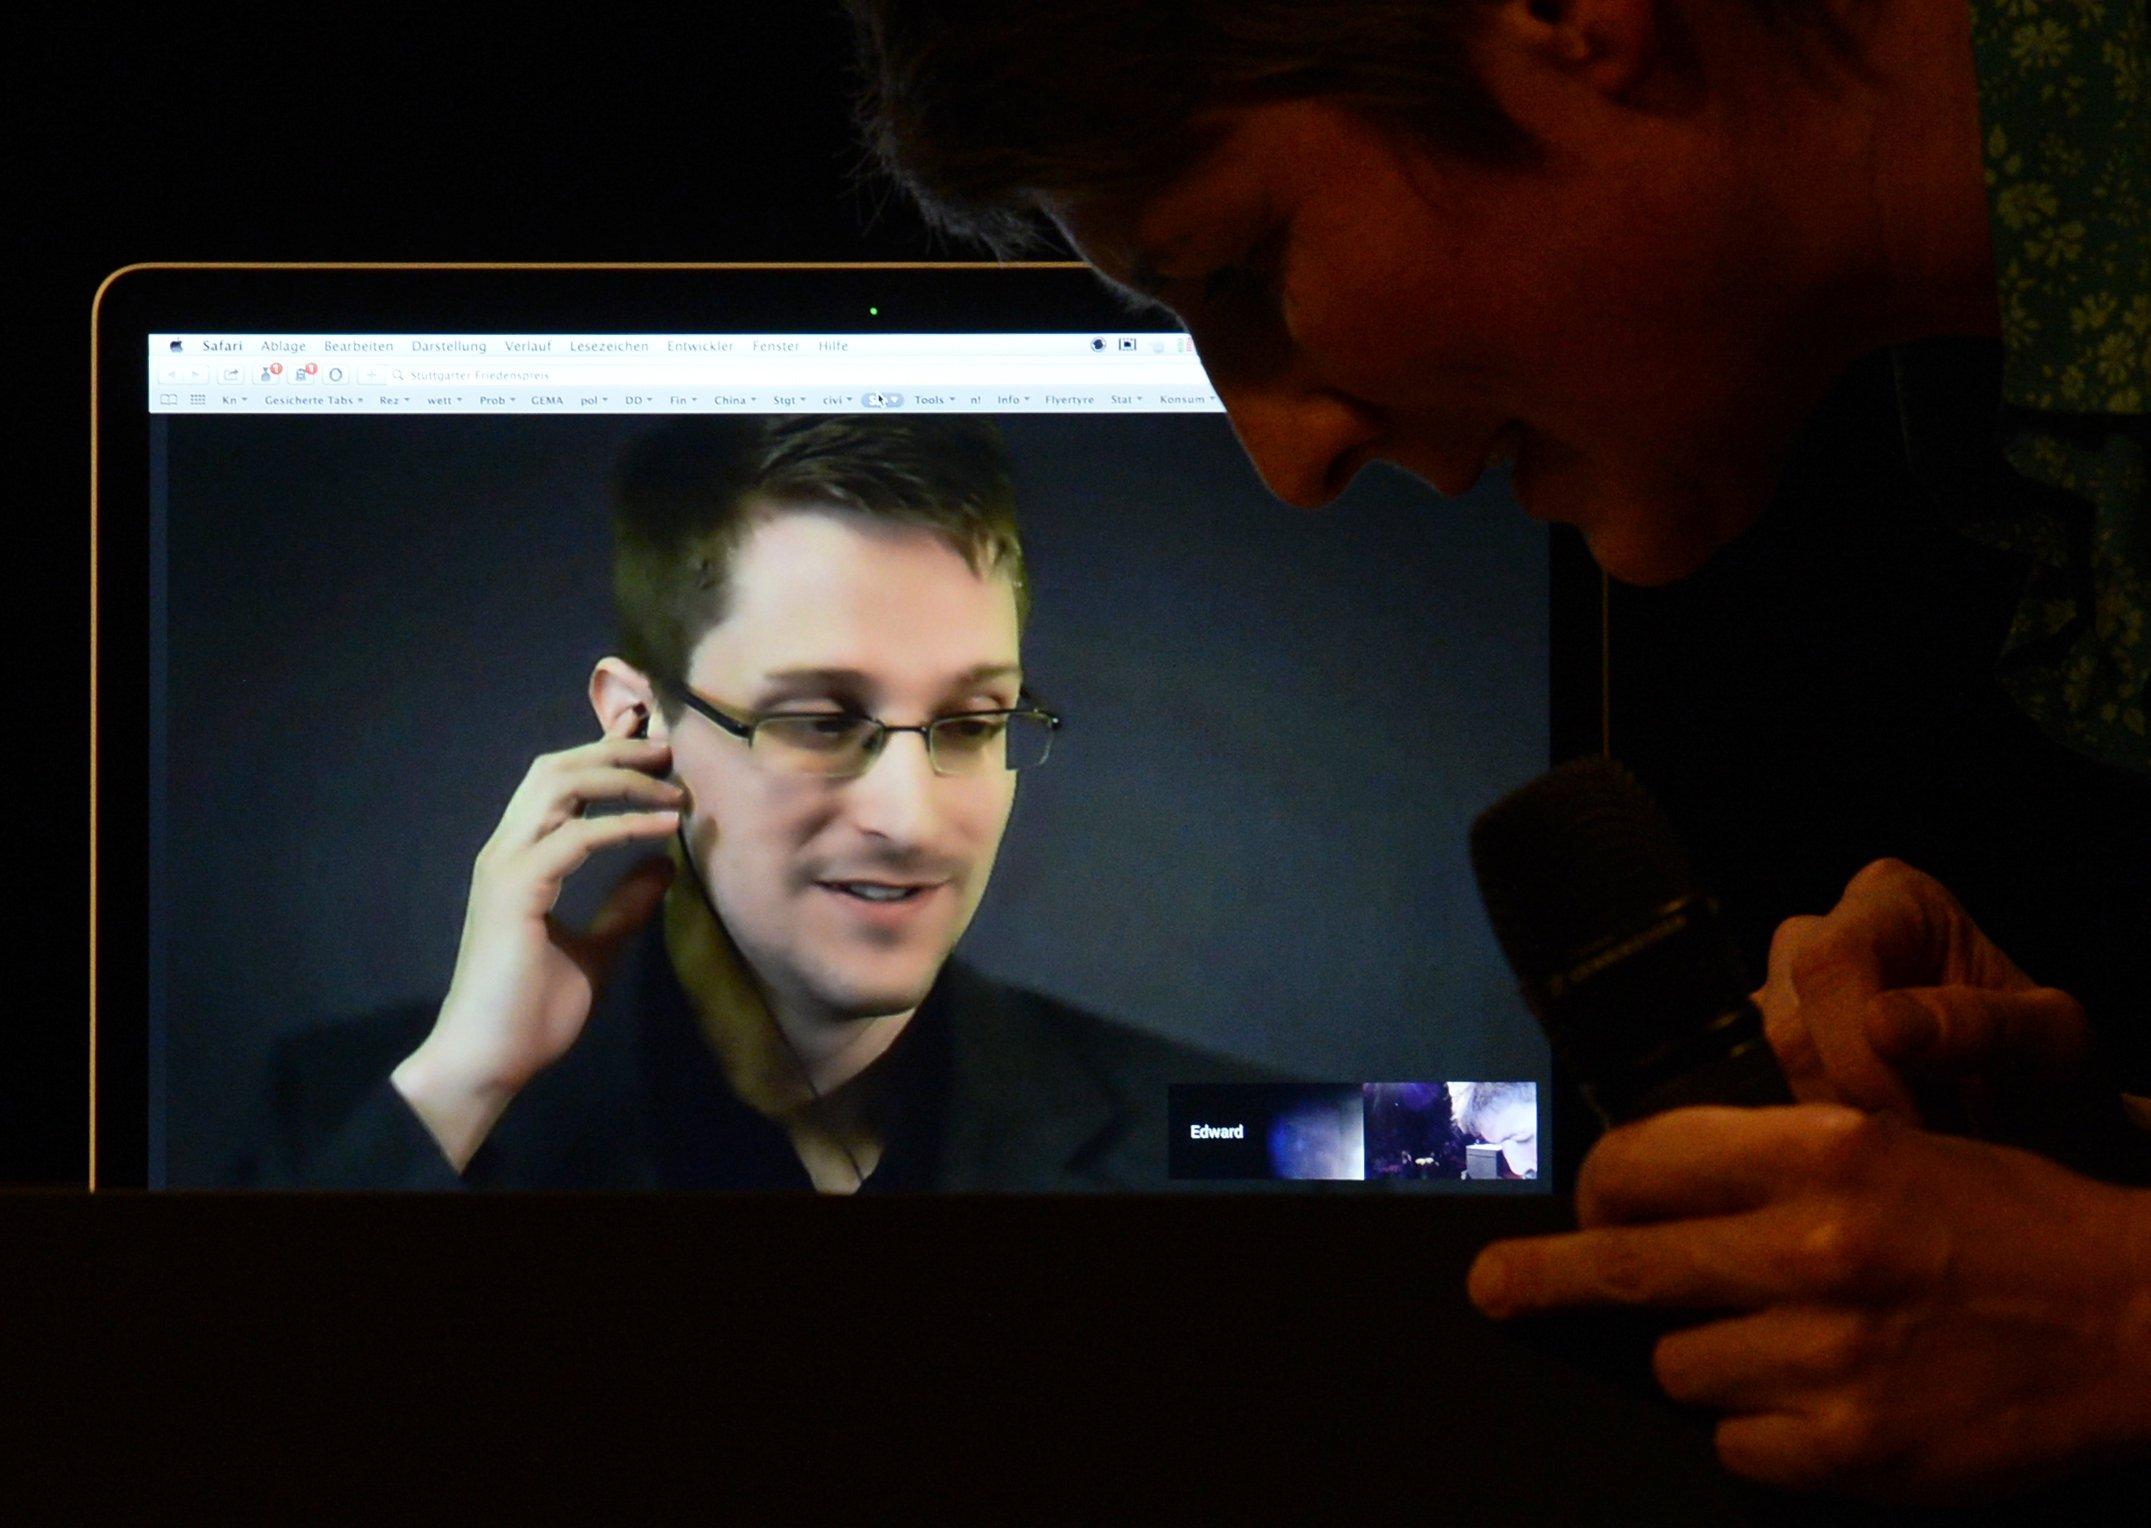 Die Informationen über die NSA-Spionage unter Mobilfunkanbietern stammt aus Unterlagen Edward Snowdens, die unabhängige Journalisten des Magazins The Intercept auswerten.